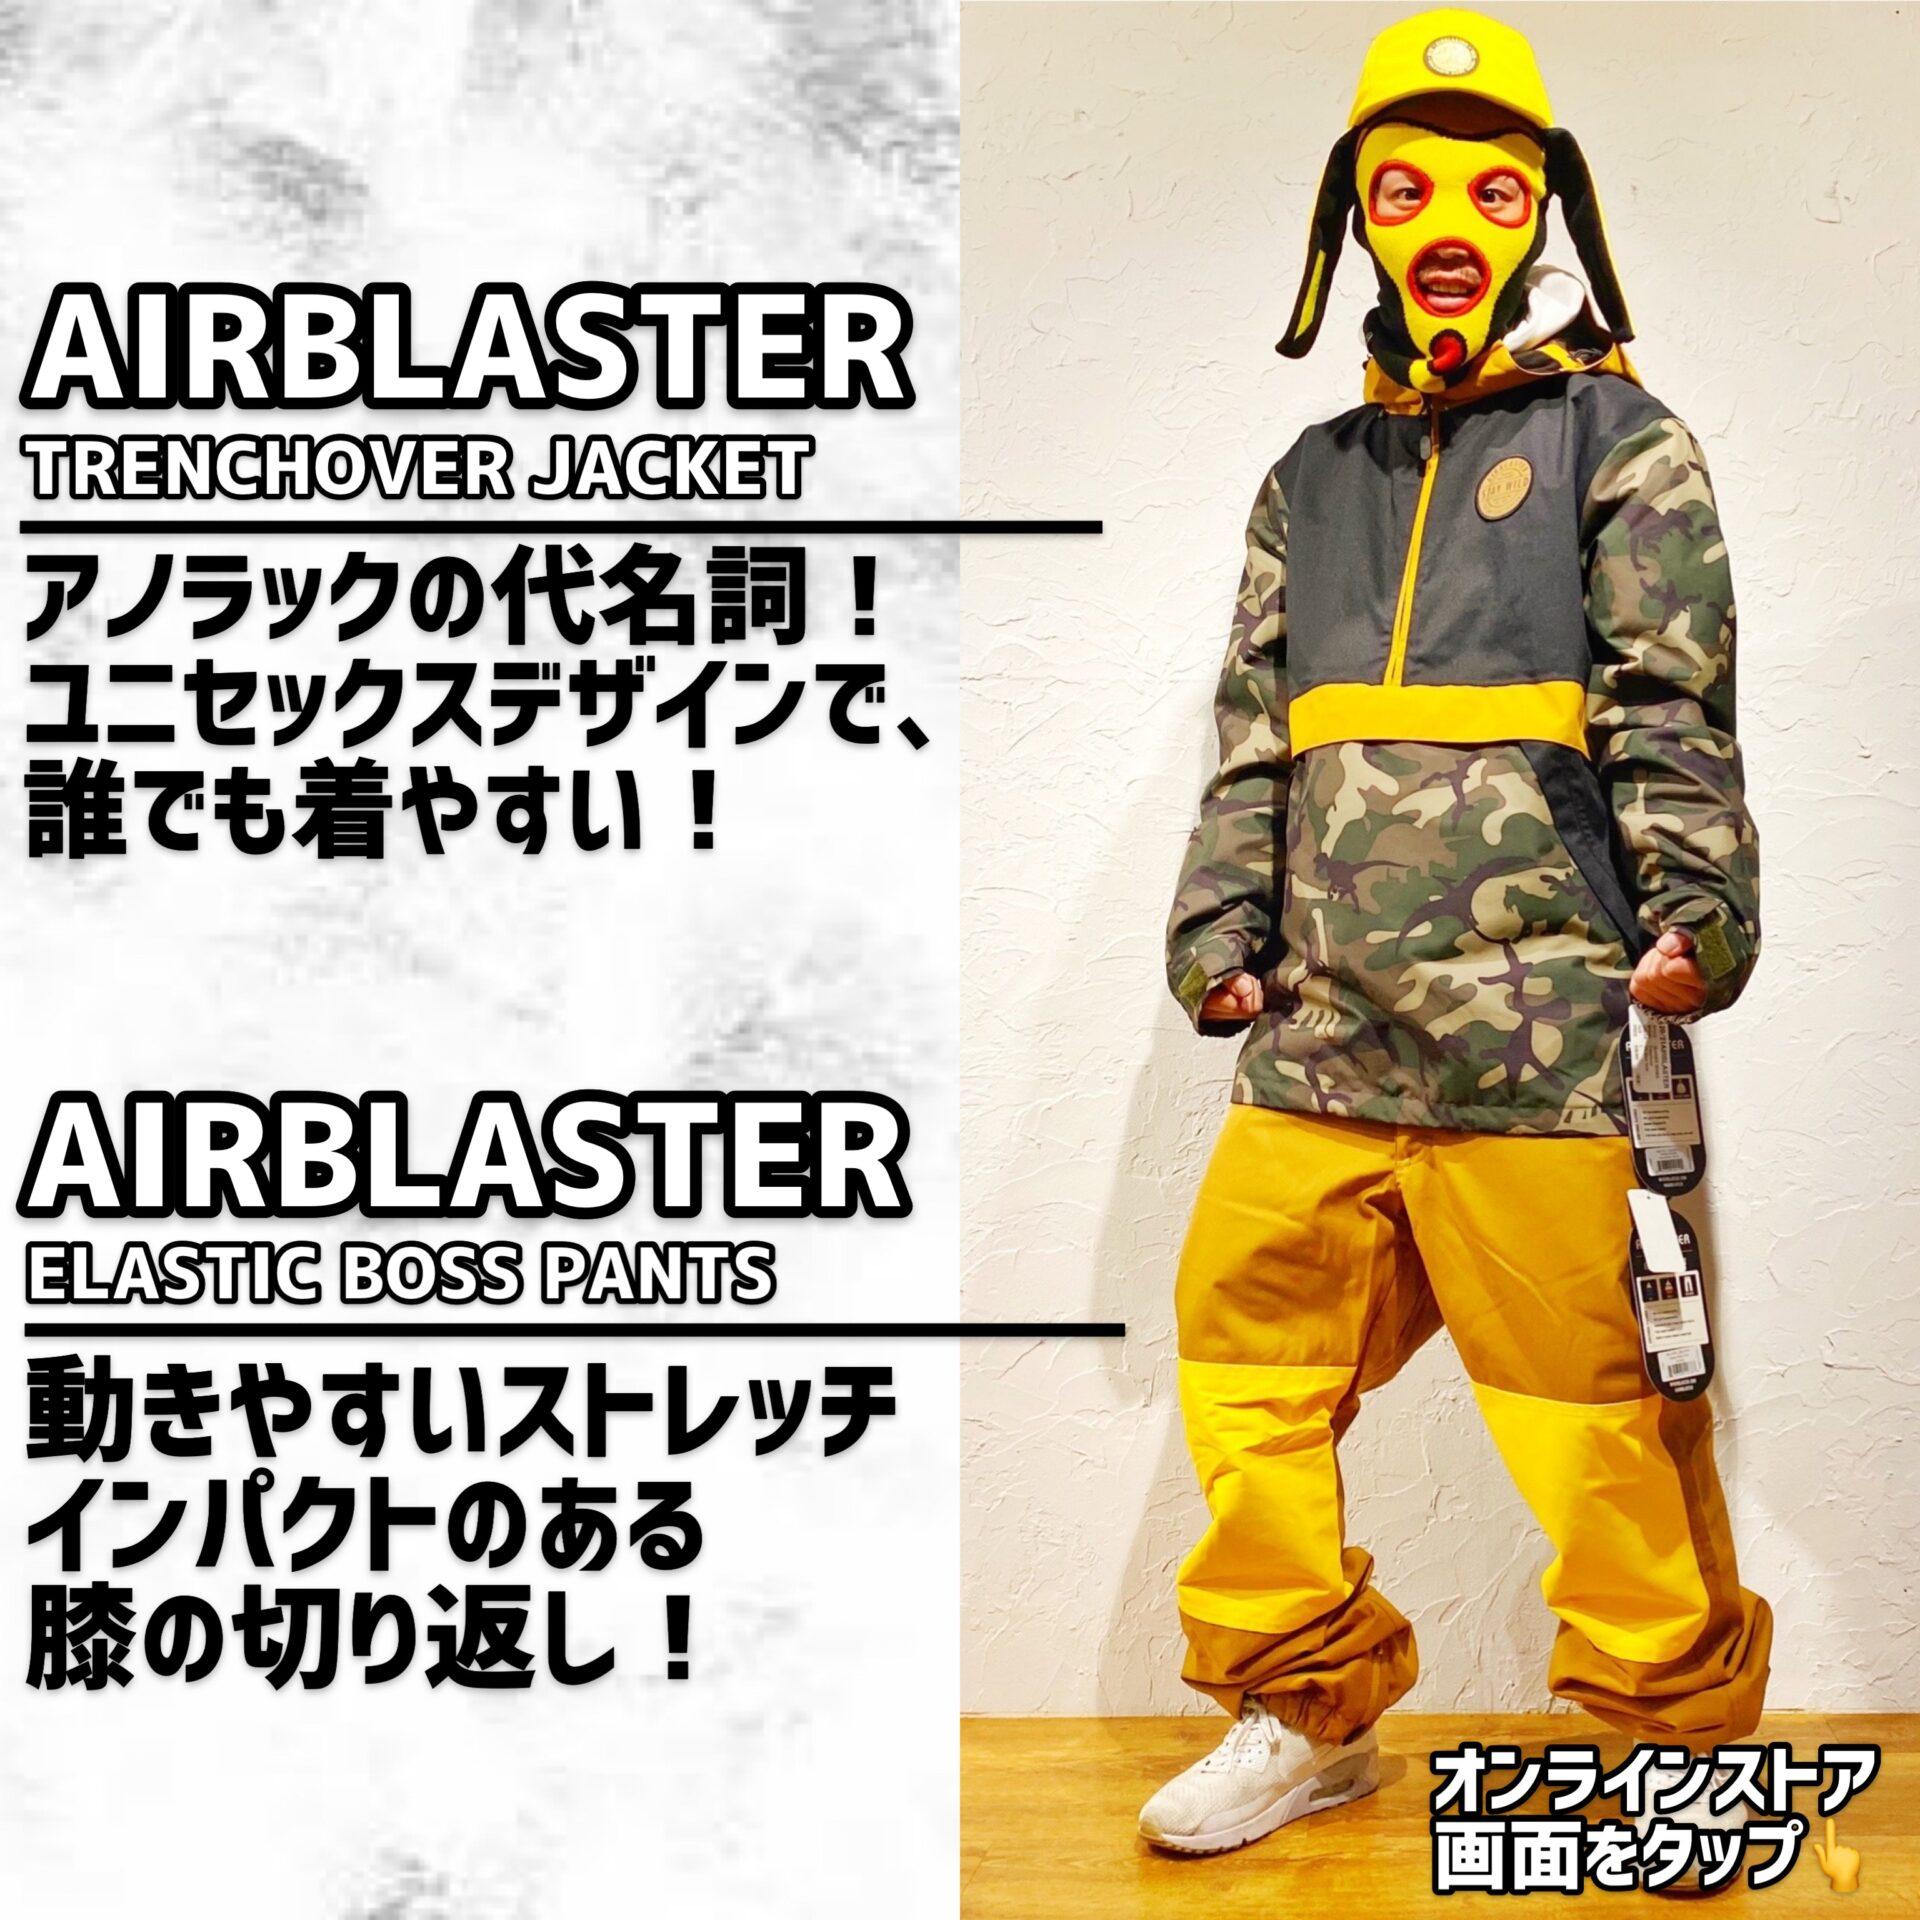 スノーボードウェア 入荷! AIRBLASTER エアーブラスター